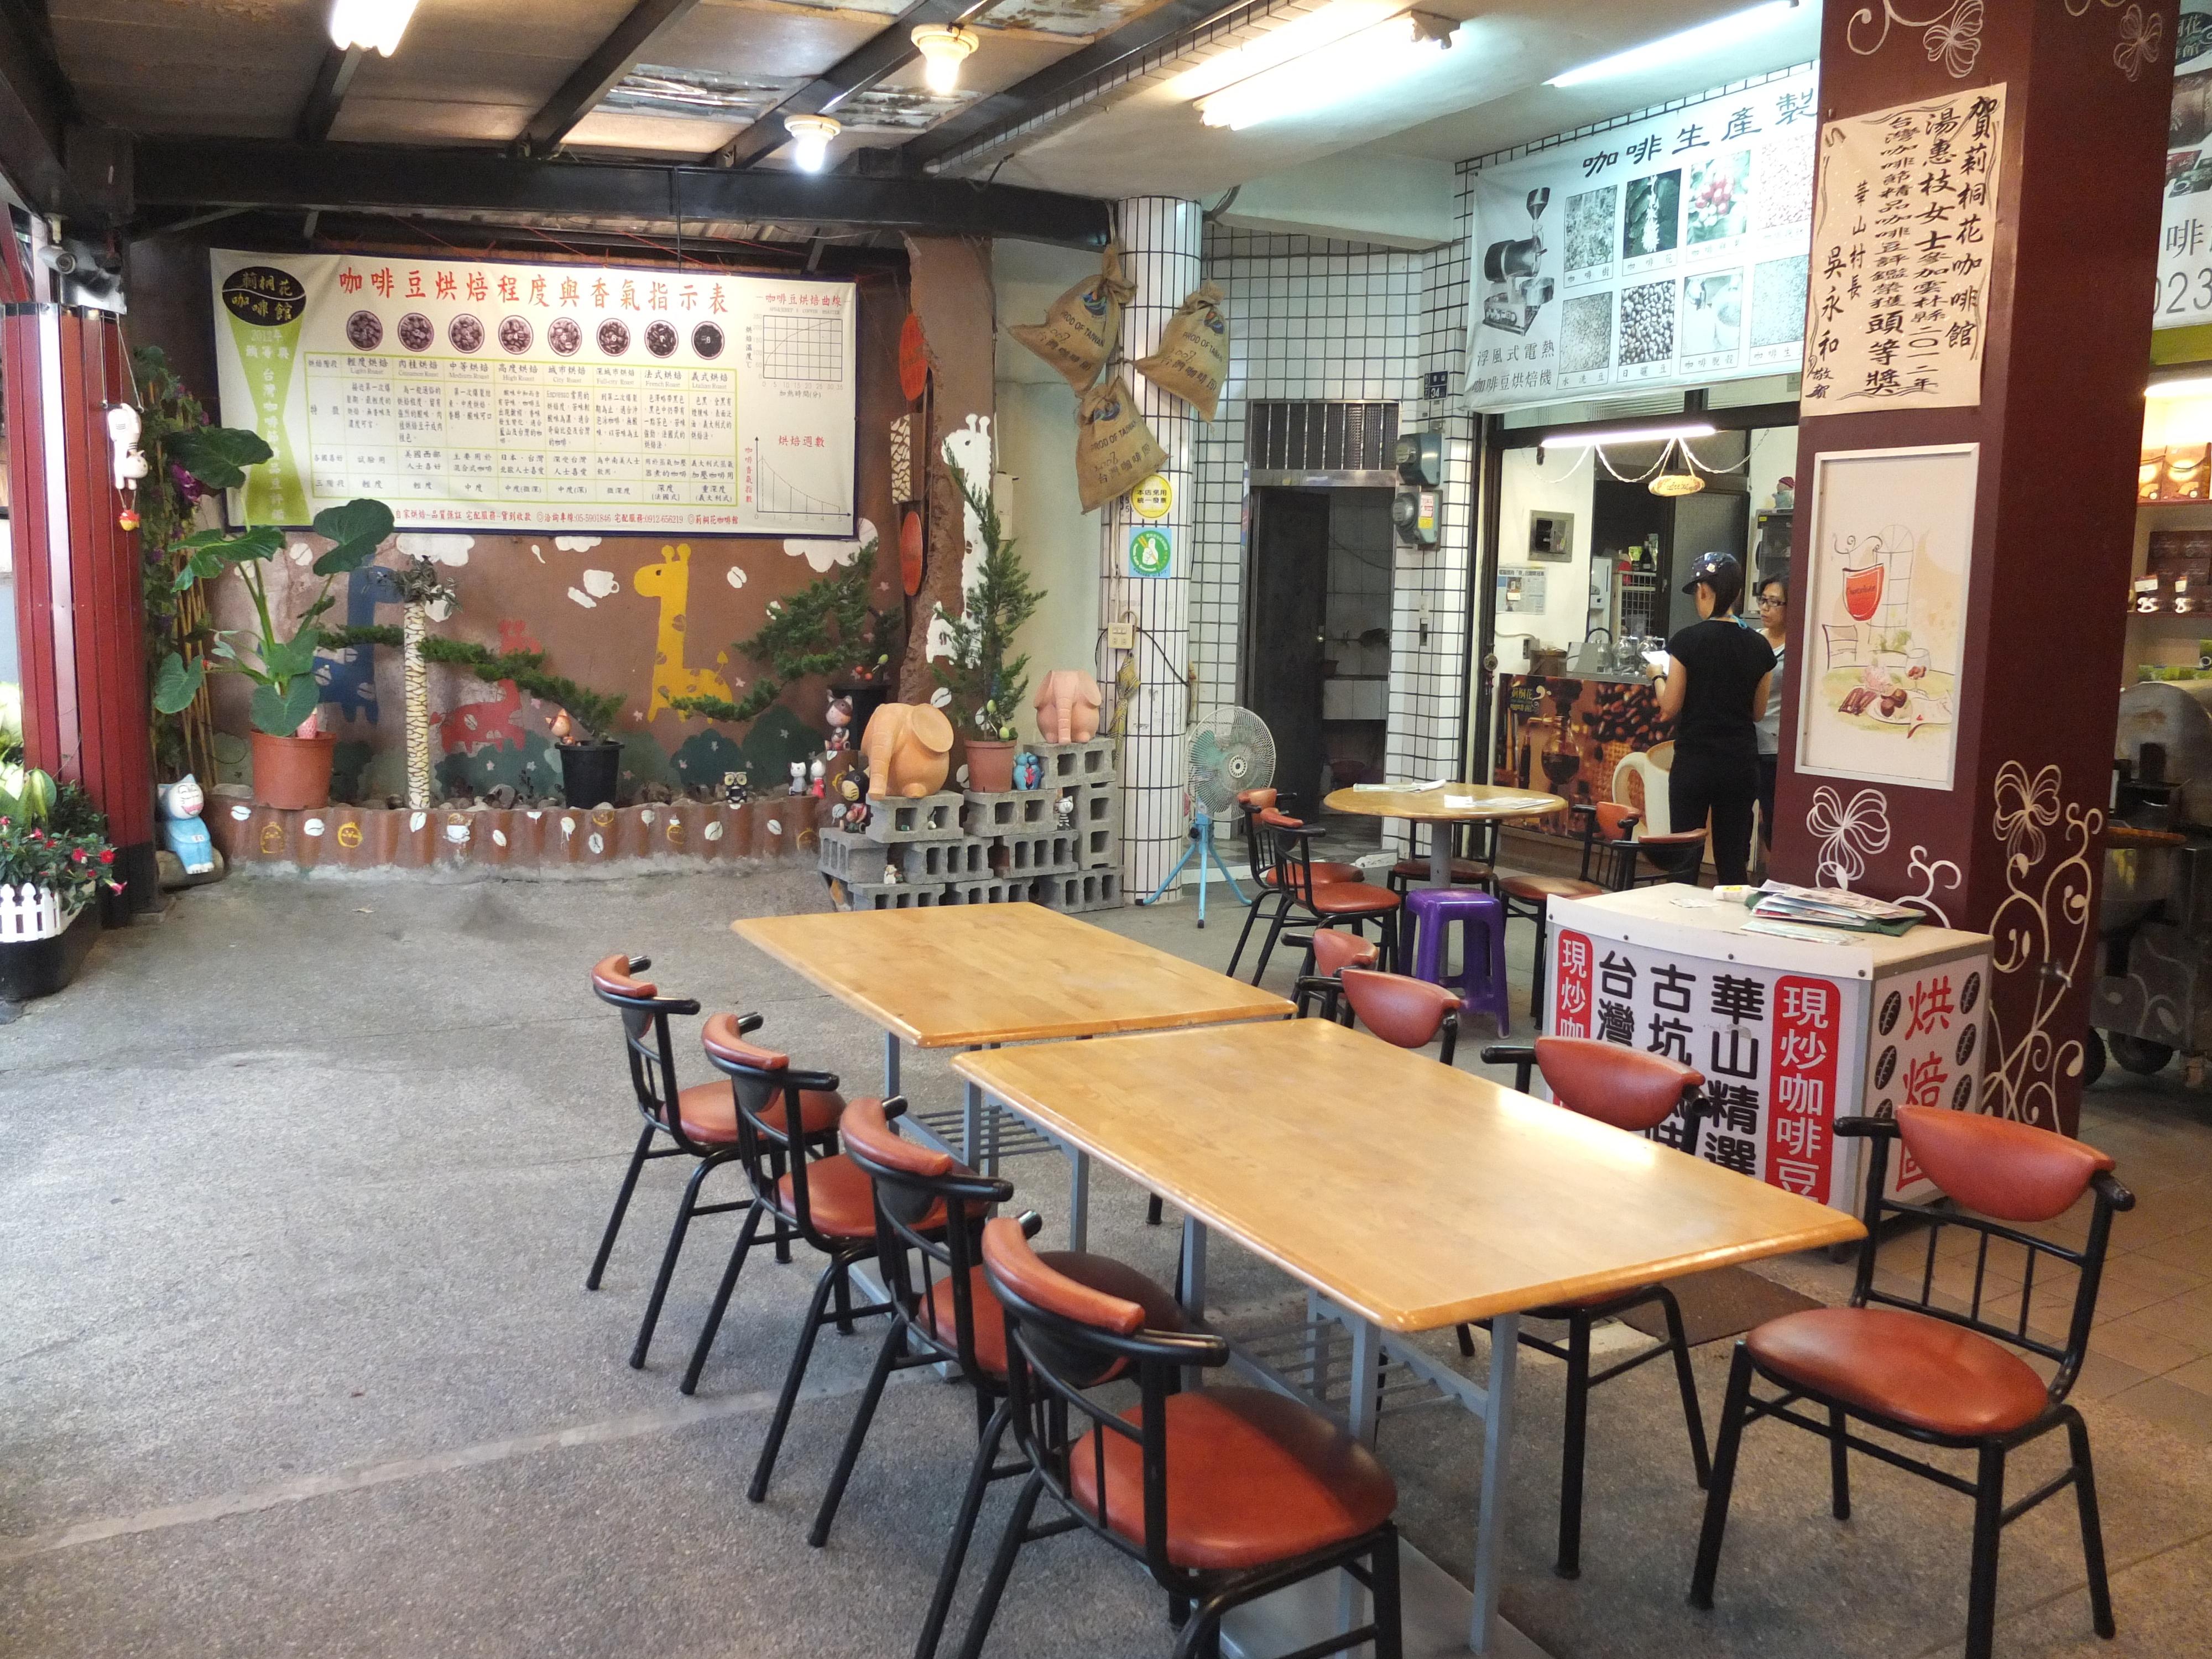 莿桐花咖啡館 (3)